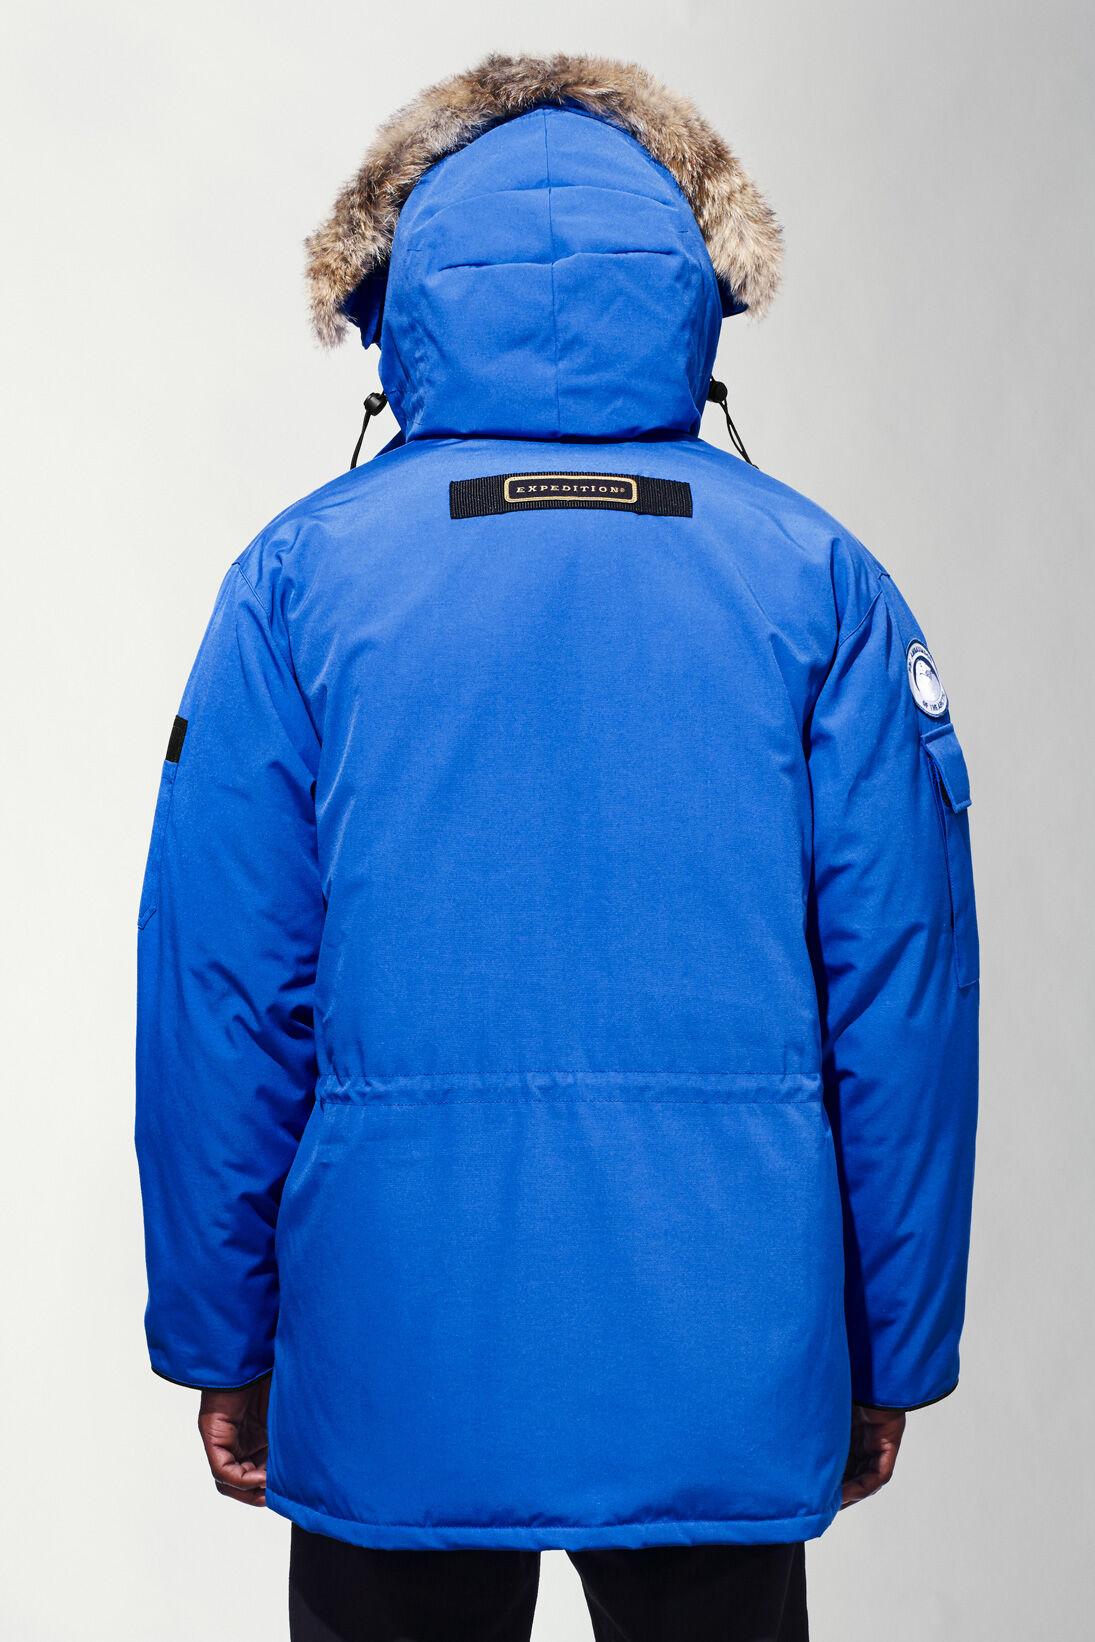 Canada goose jacket sizing